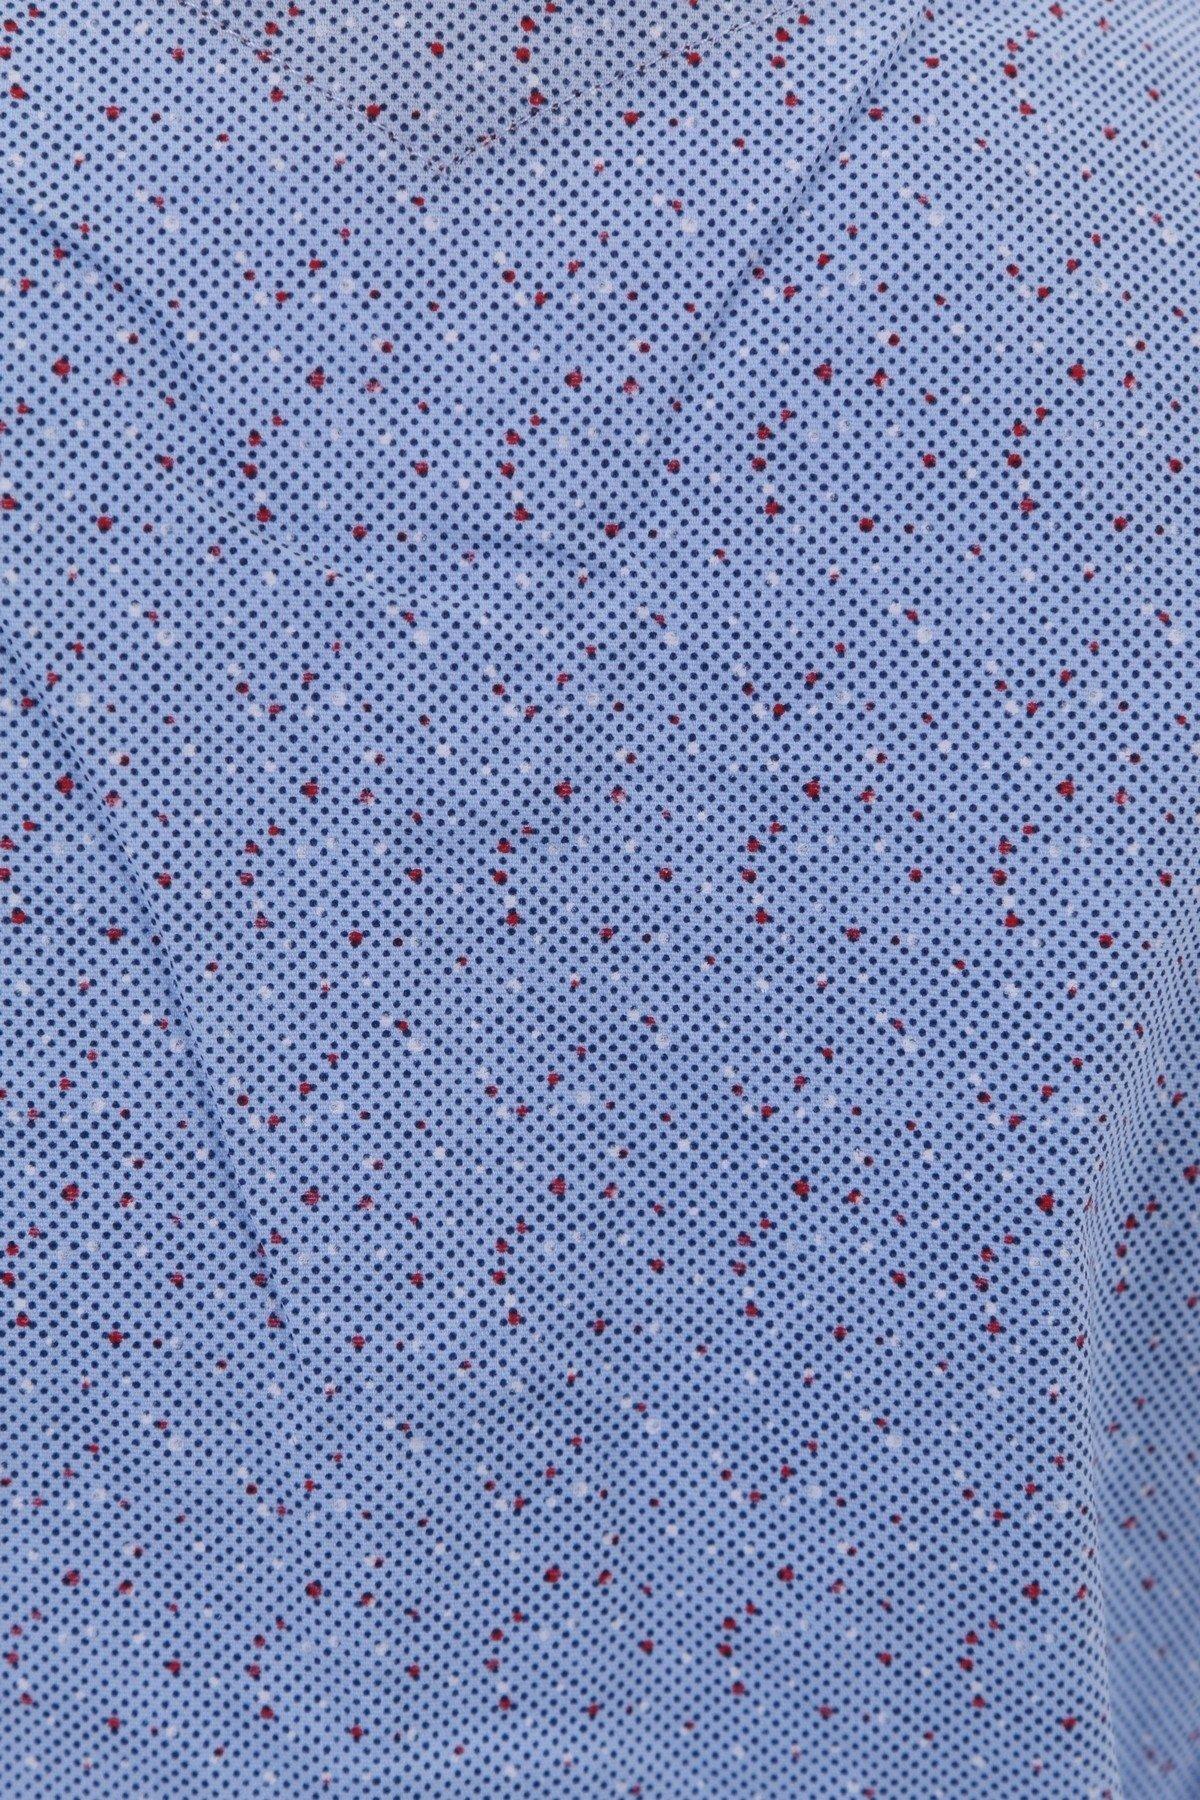 Детская рубашка в мелкий рисунок с декоративной планкой (Арт. TB 1279K)